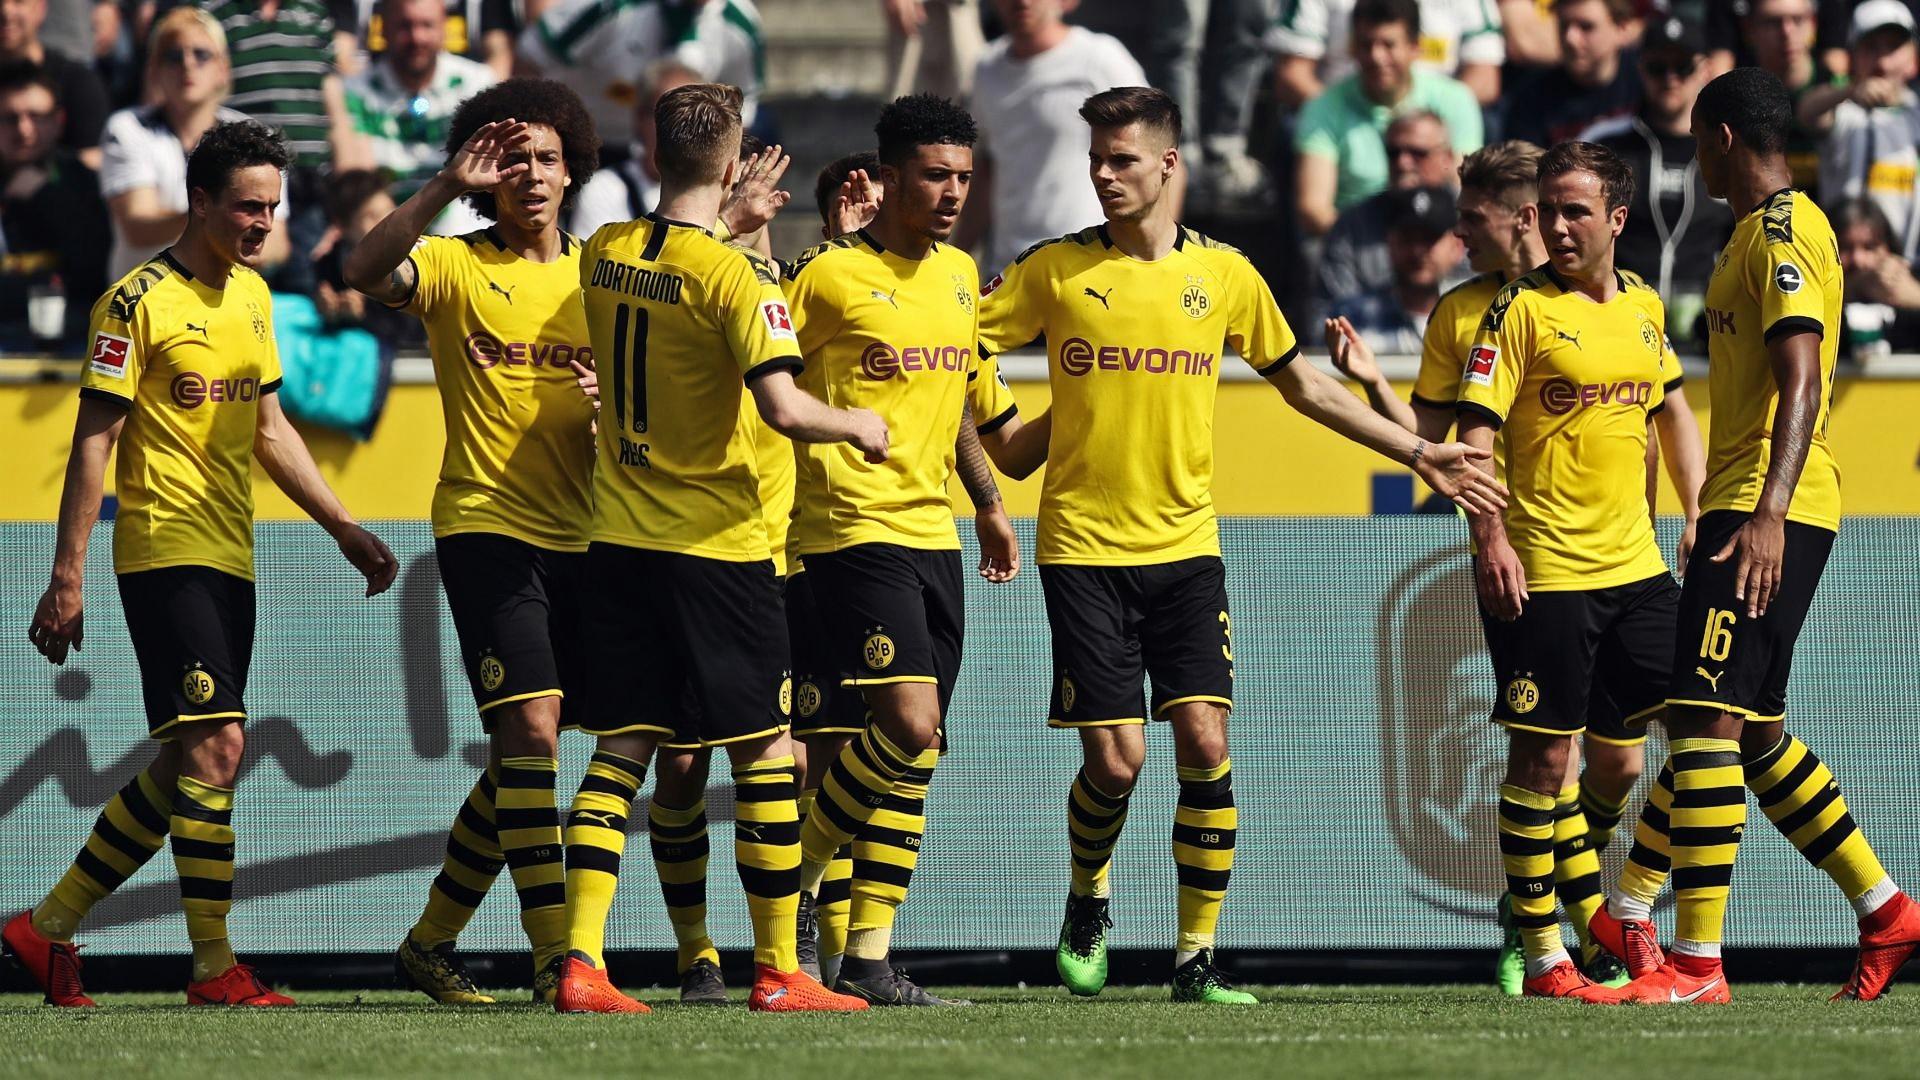 Amazon va diffuser un docu-série sur le Borussia Dortmund